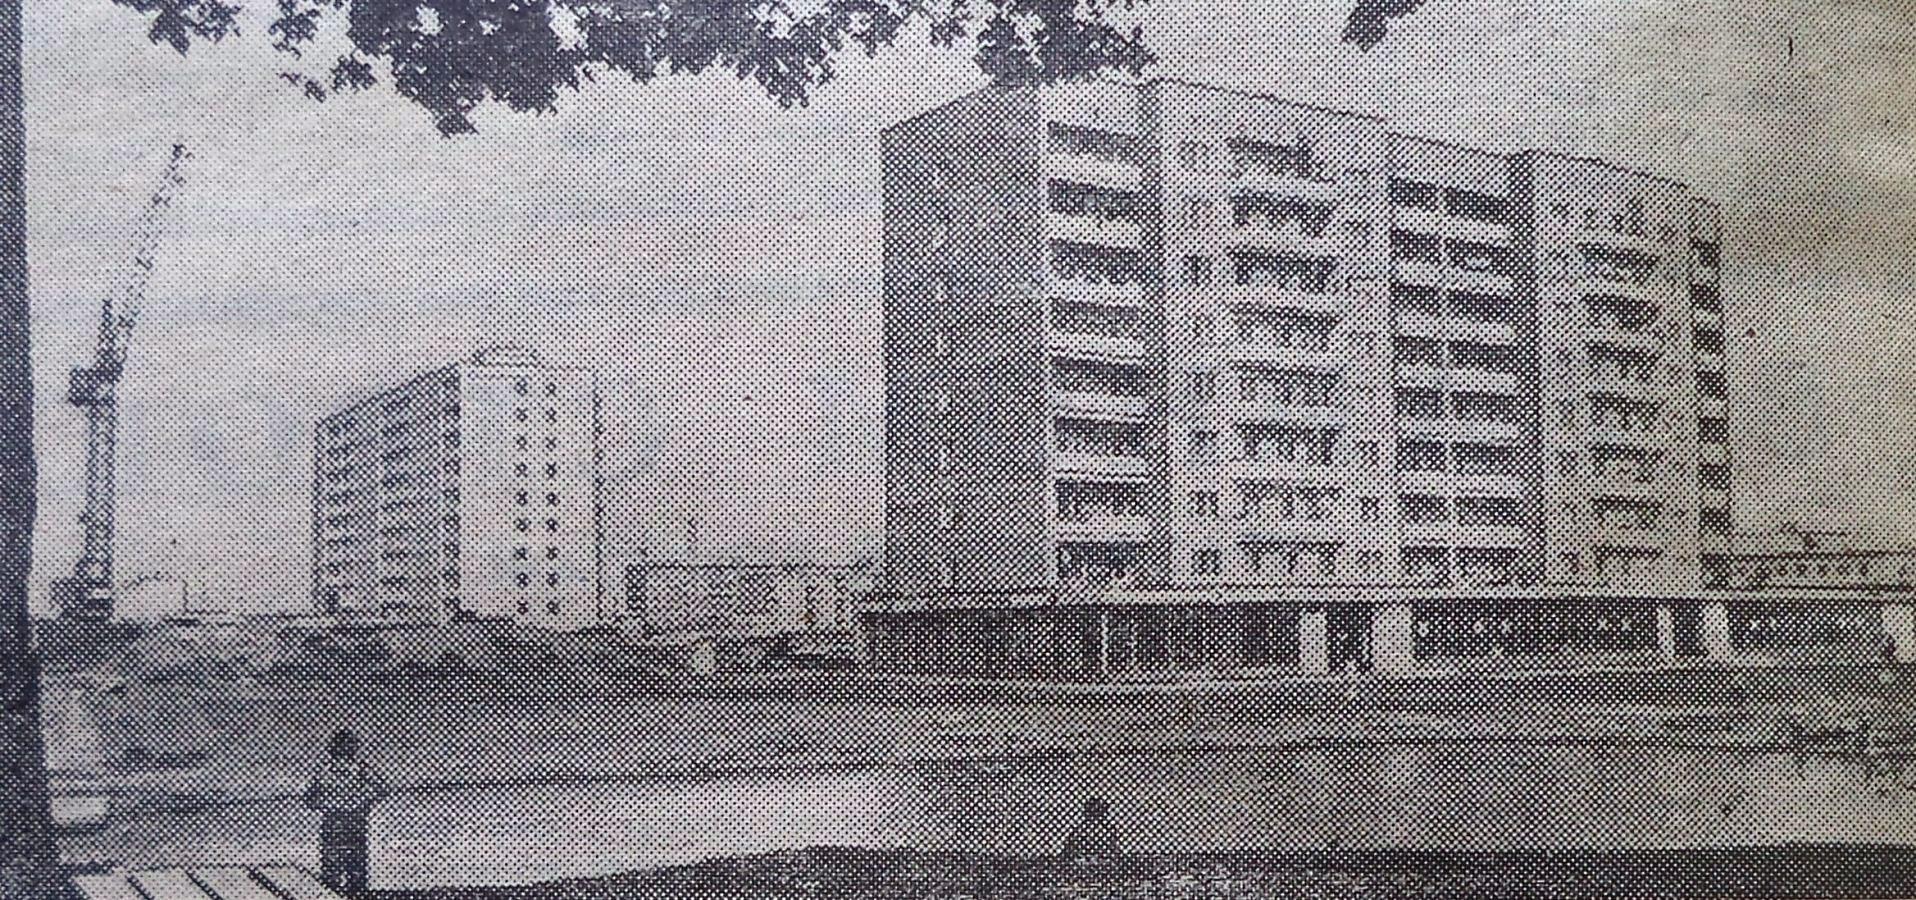 Стара Загора-ФОТО-097-Труд Строителя-1975-12 ноября-min